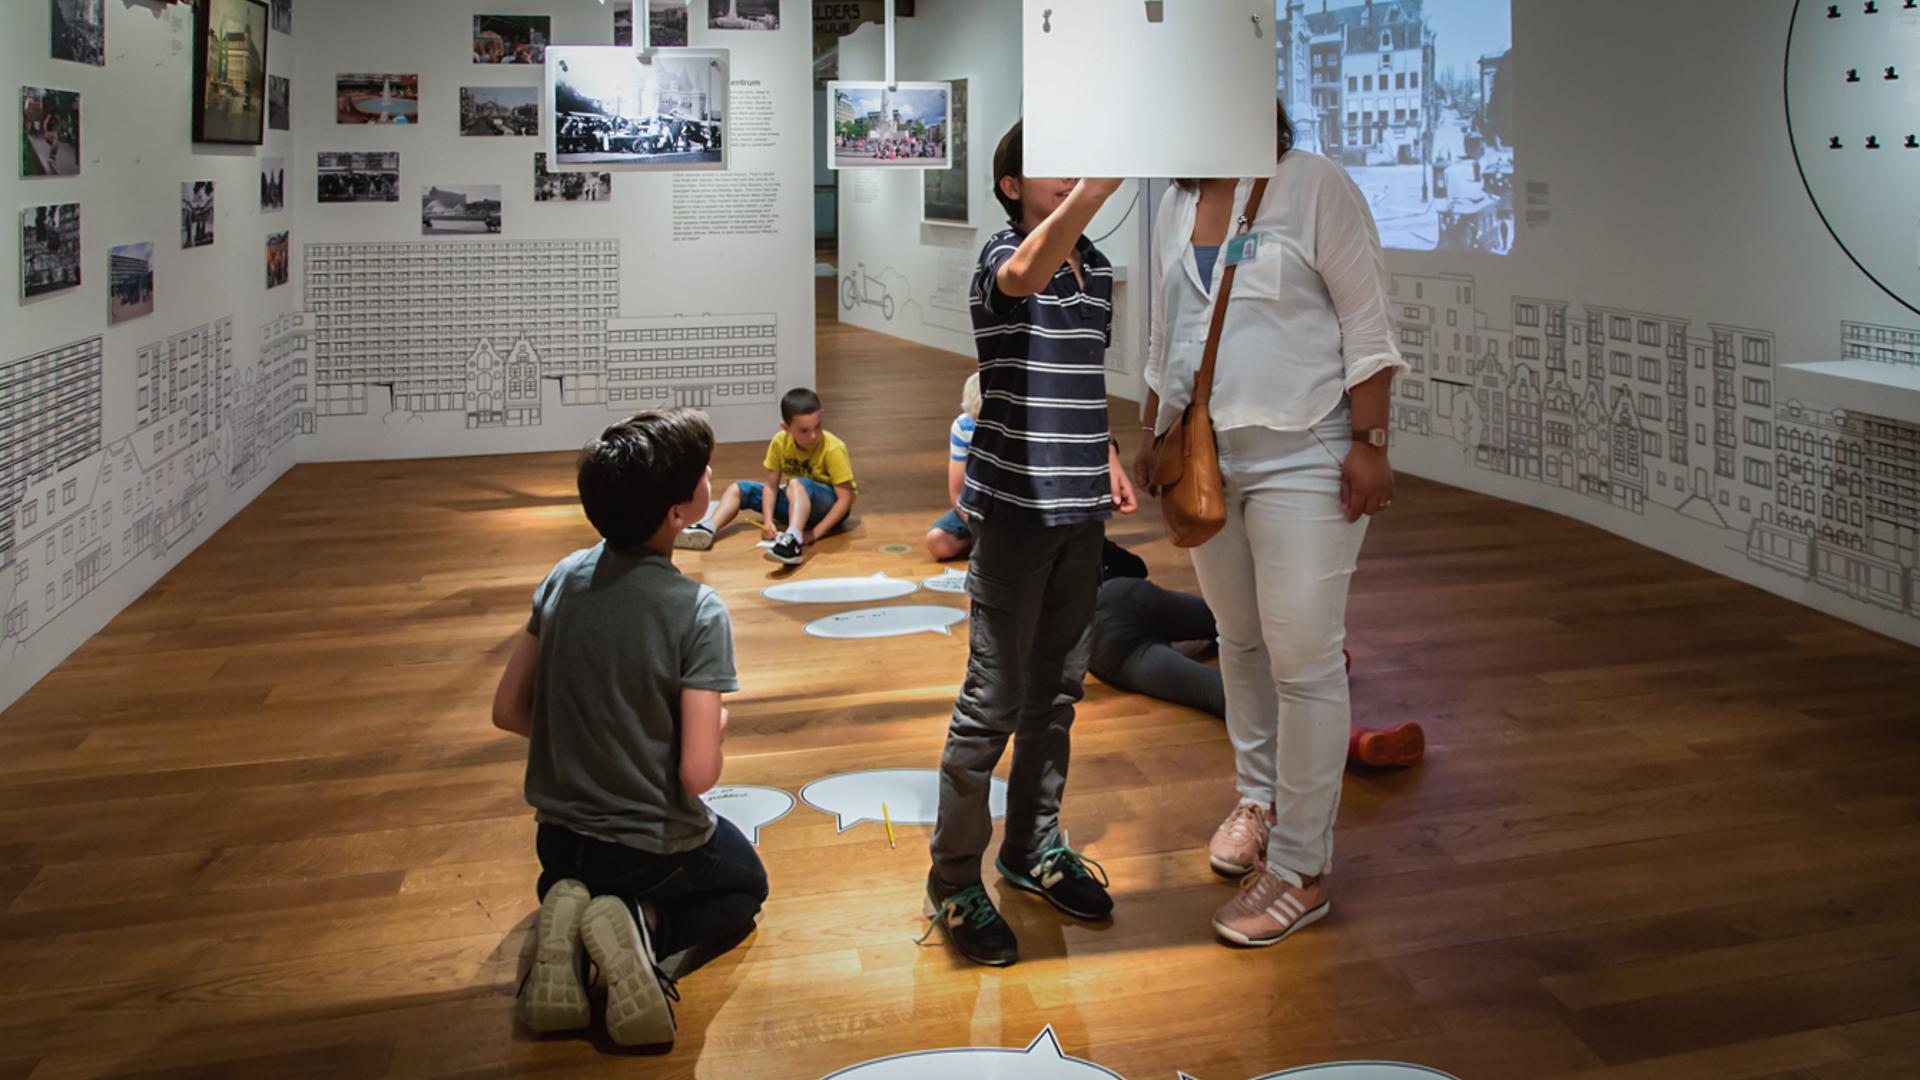 amsterdam museum thematisch 6 jpg